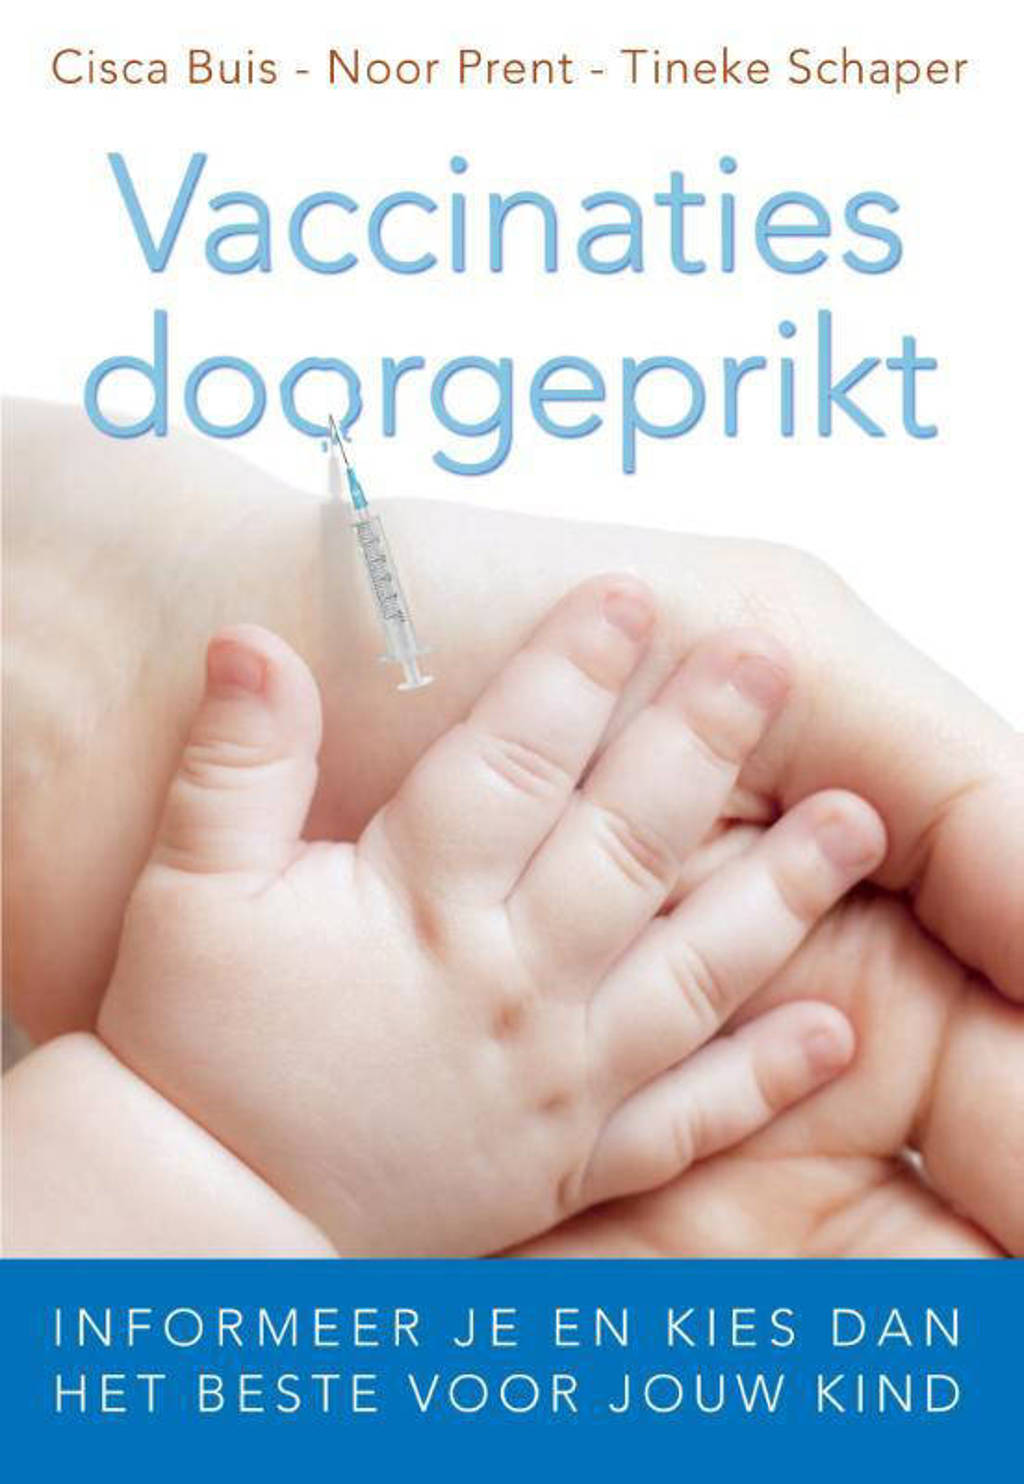 Vaccinaties doorgeprikt - Cisca Buis, Noor Prent en Tineke Schaper